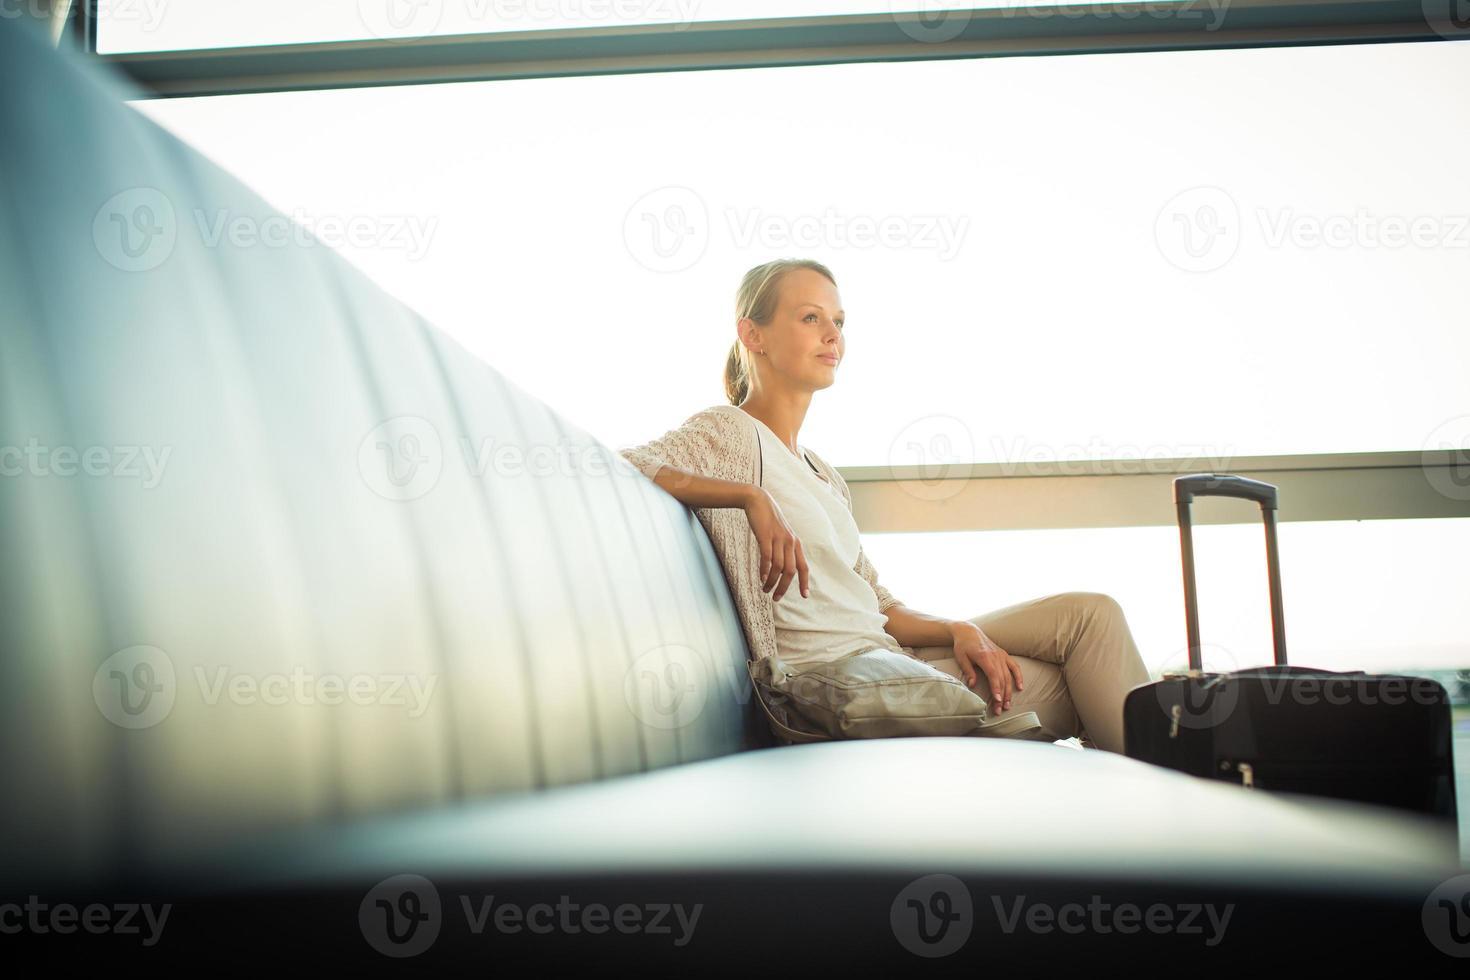 jeune passagère à l'aéroport photo